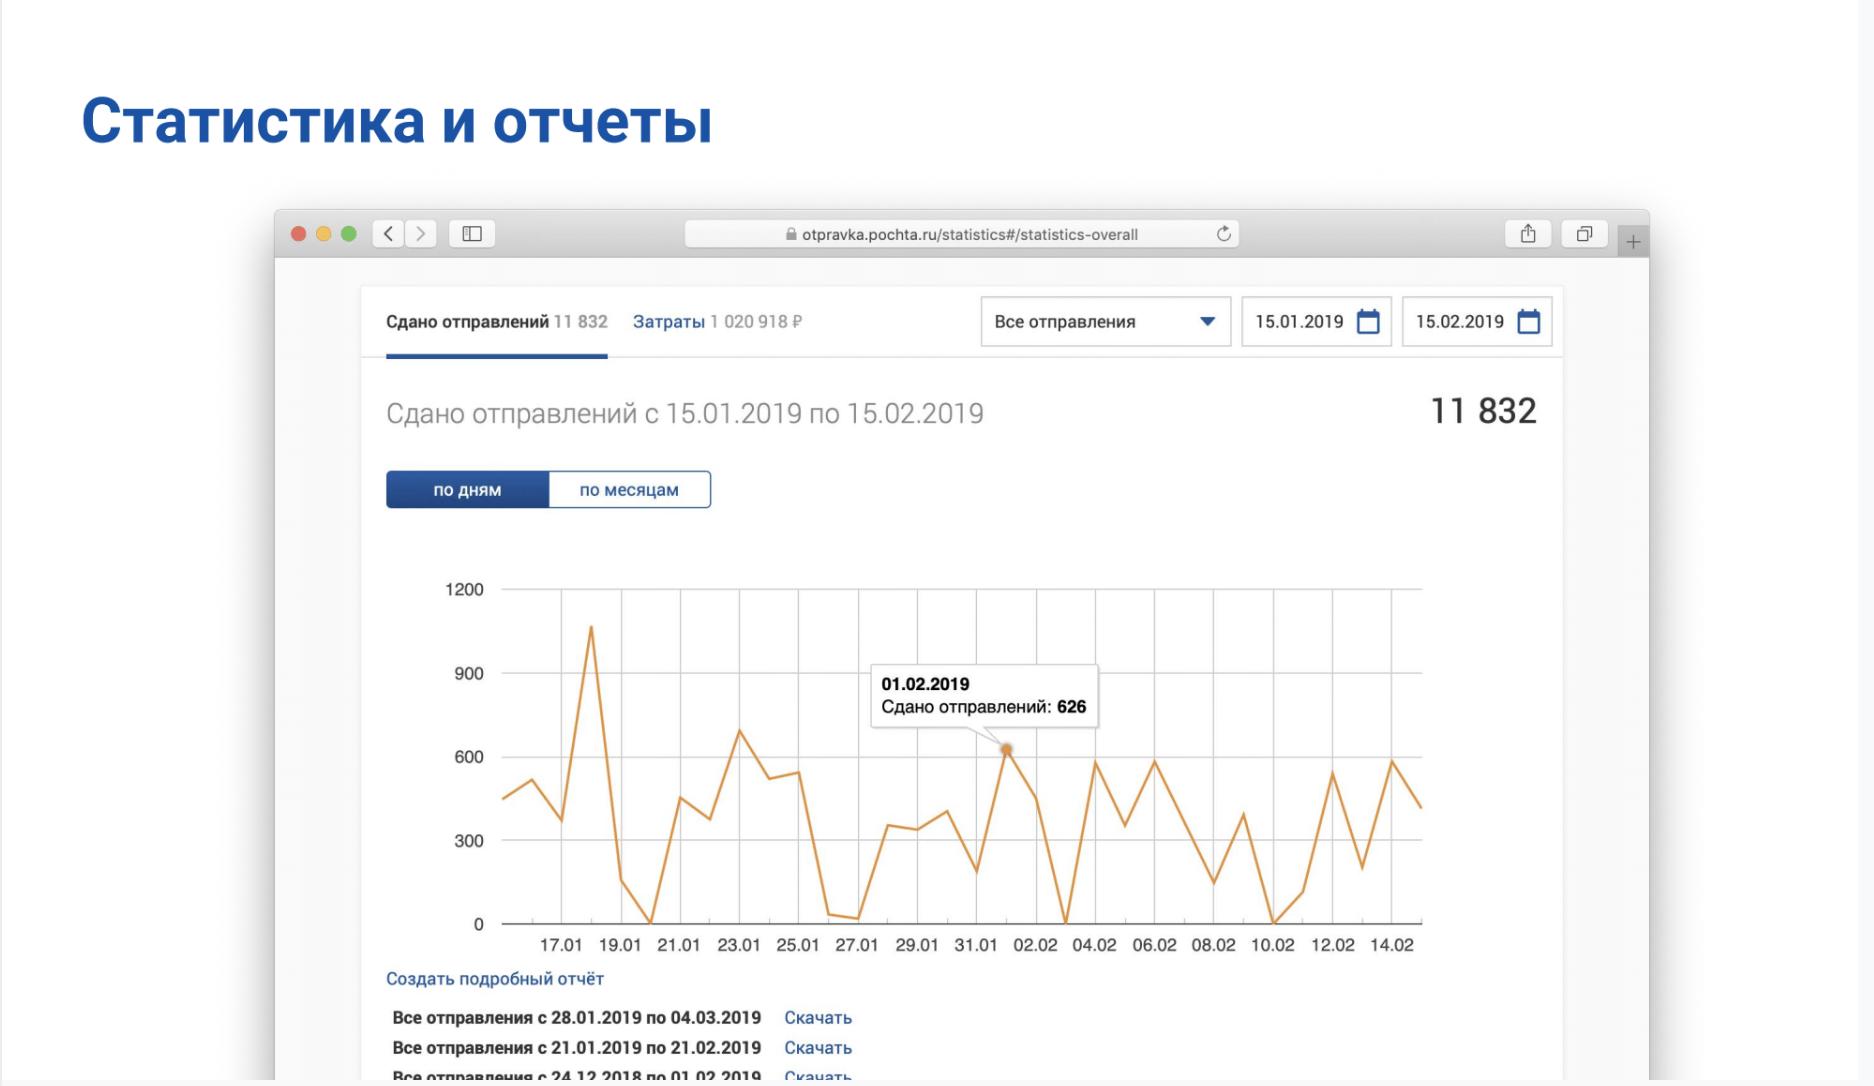 Почтовые Технологии — как мы цифровизируем Почту России - 8